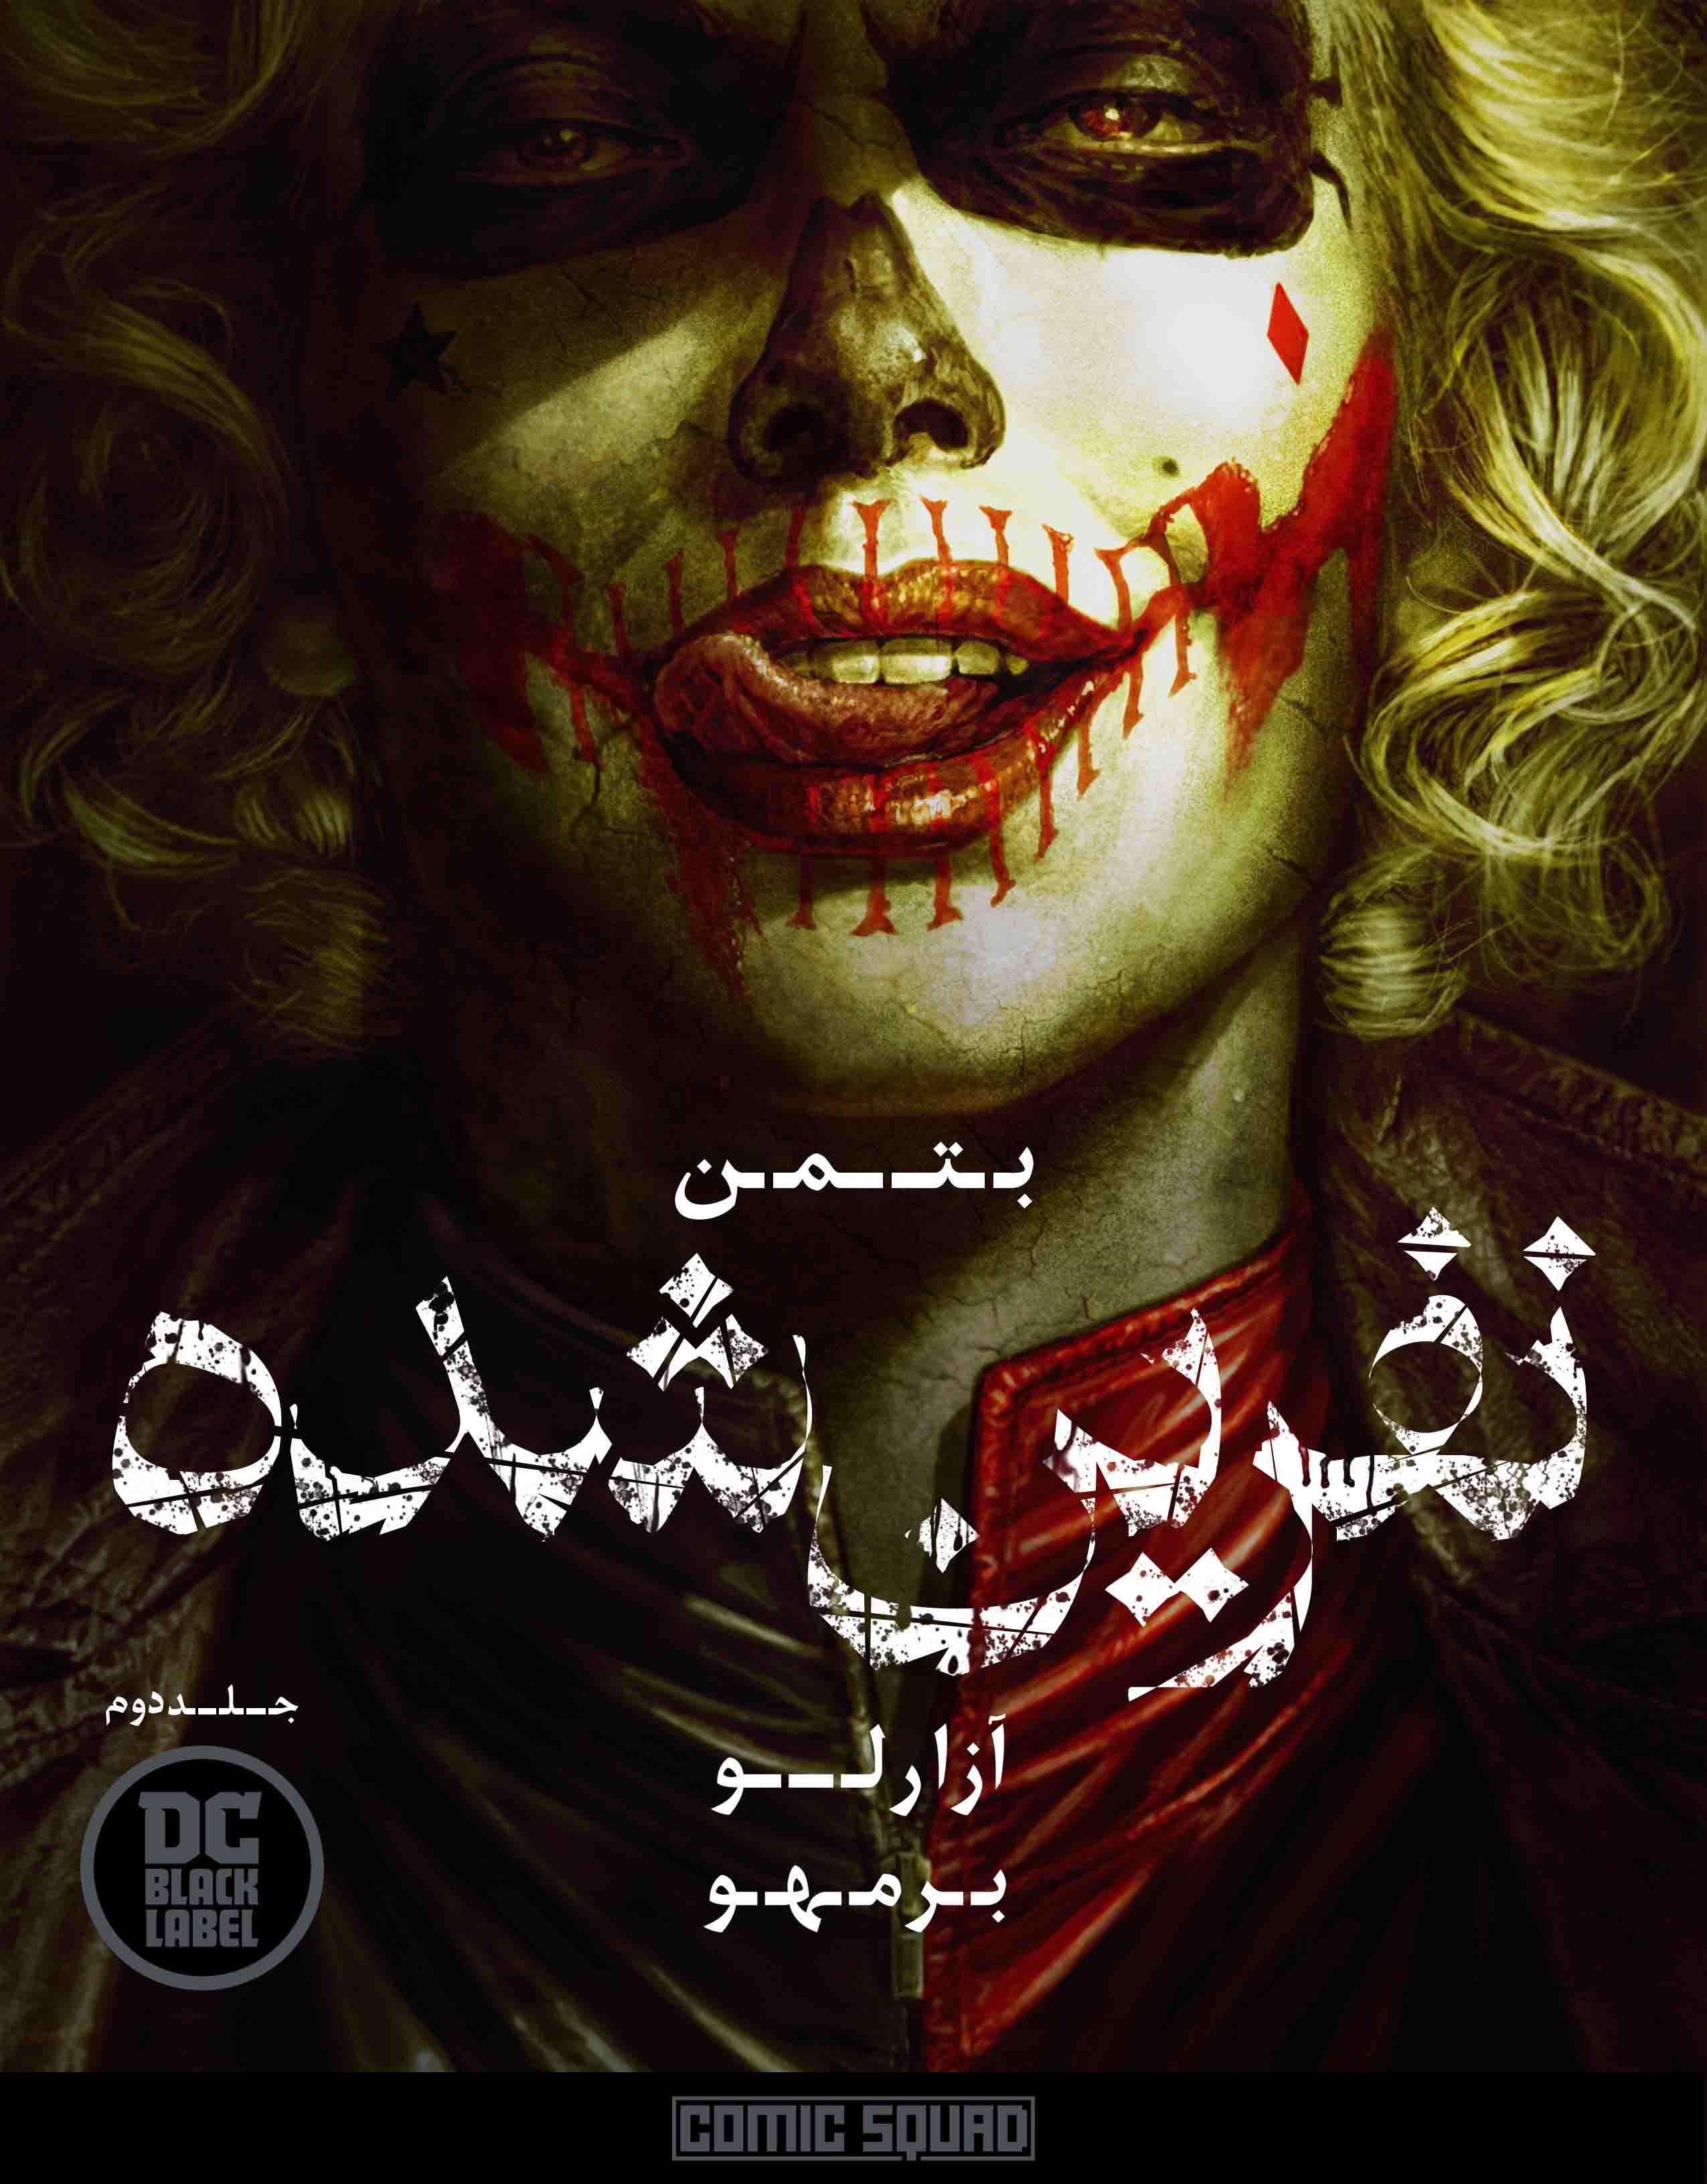 رمان گرافیکی بتمن: نفرین شده - جلد دوم